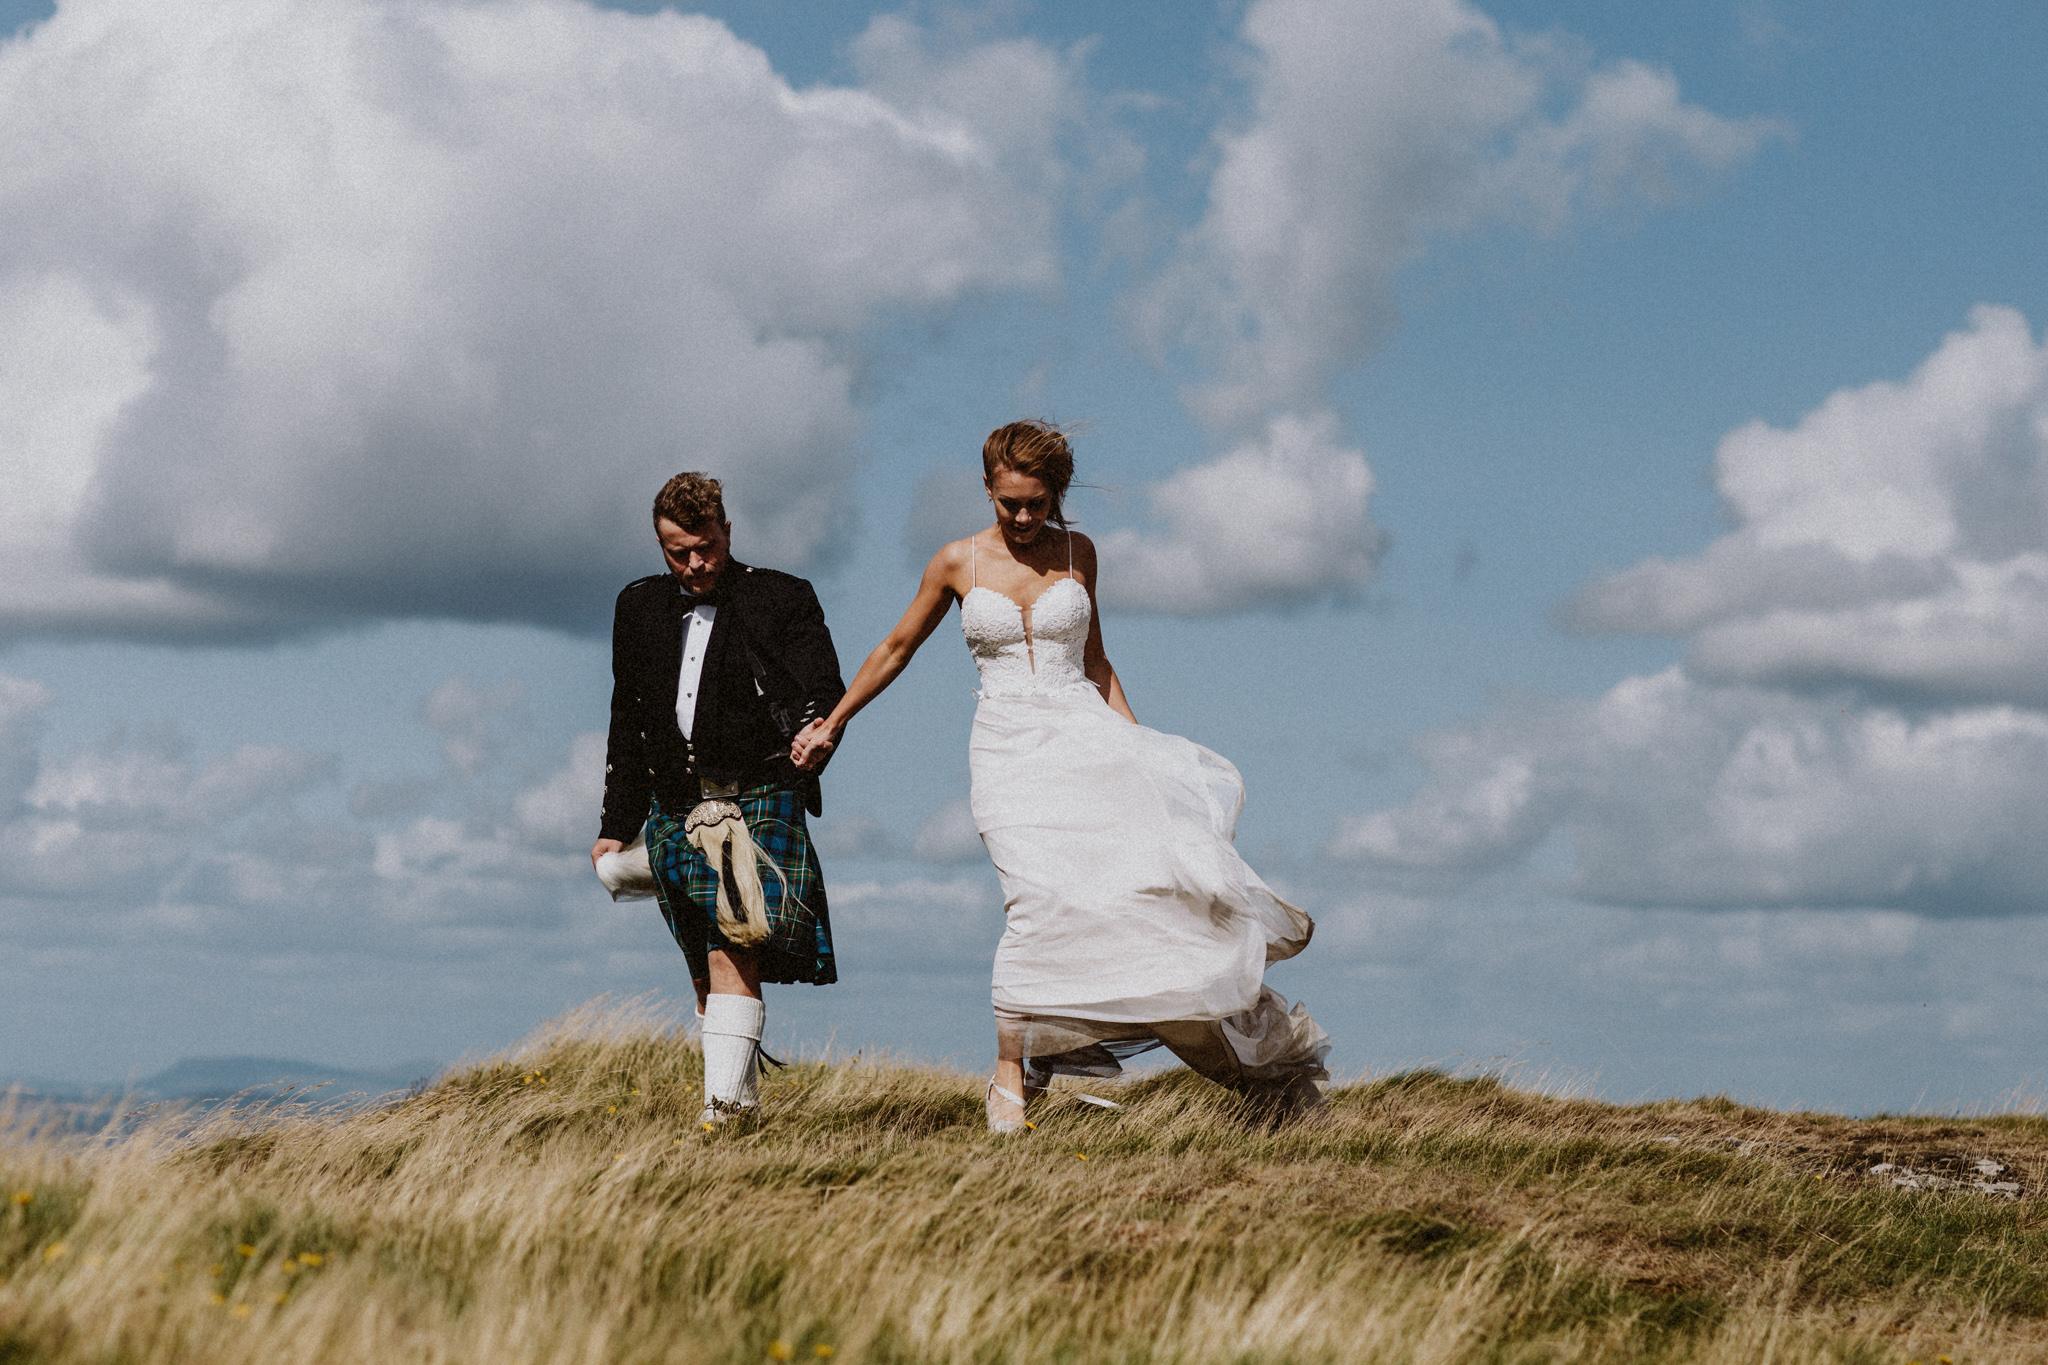 Brautpaar Fotoshooting Paarshooting